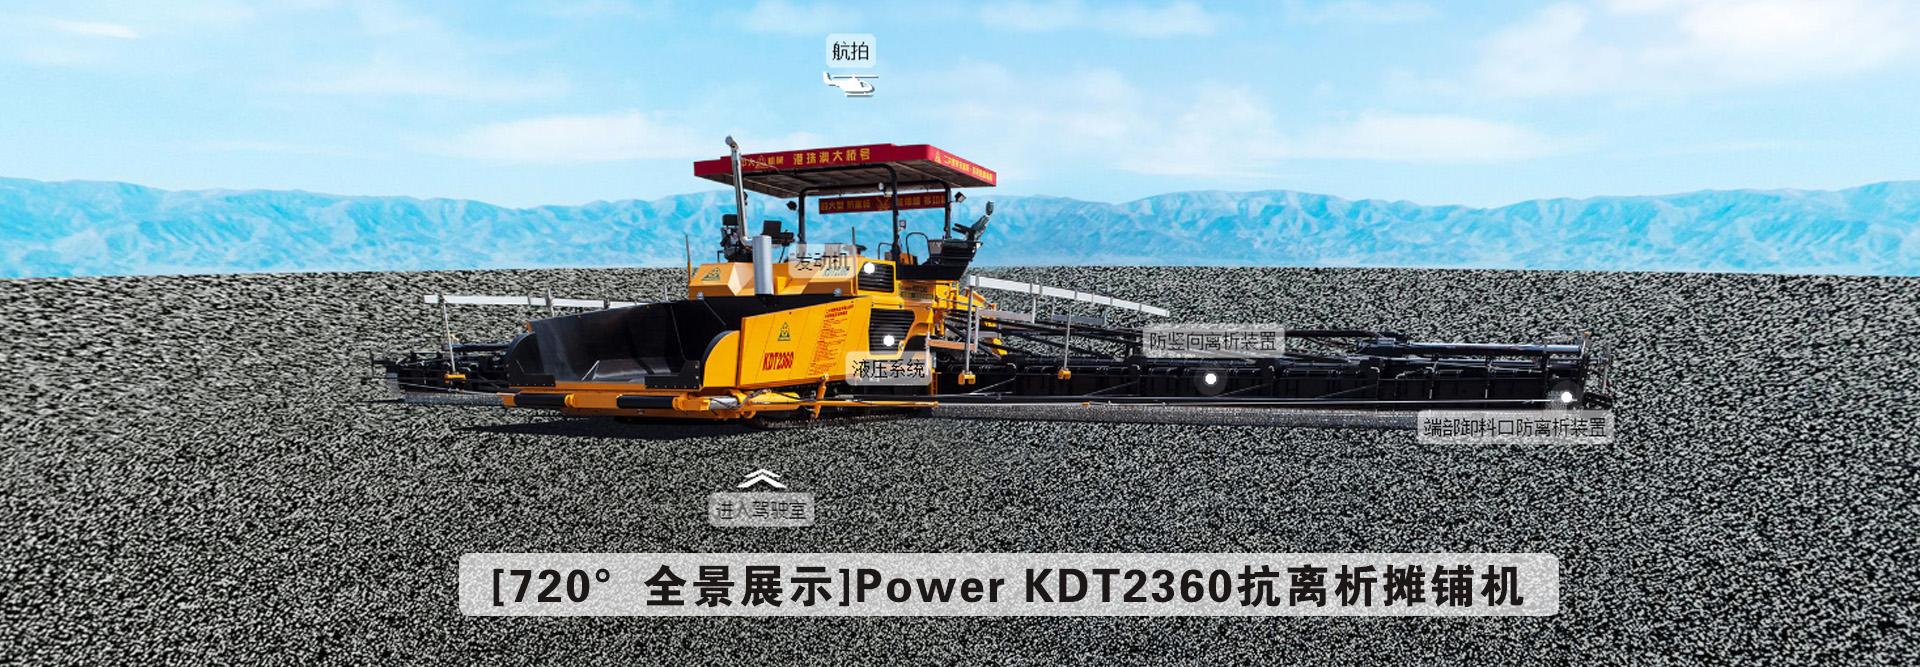 [720°全景展示]Power KDT2360抗离析摊铺机